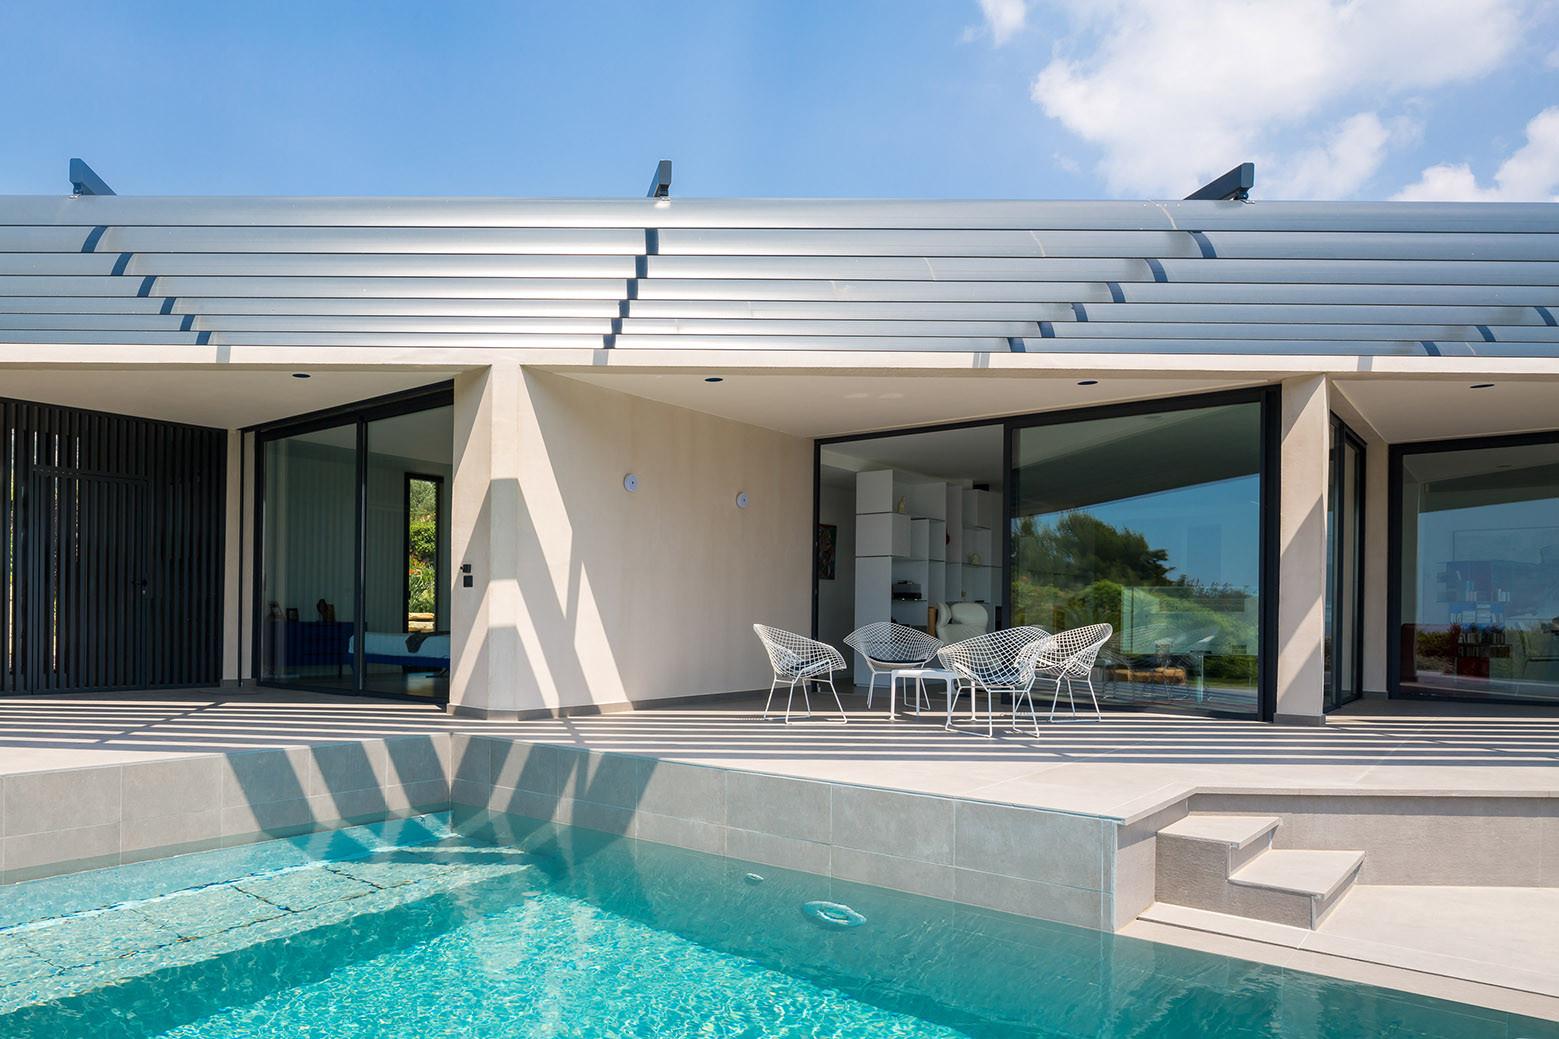 Maison A3 / Vincent Coste, © Toulon Azur